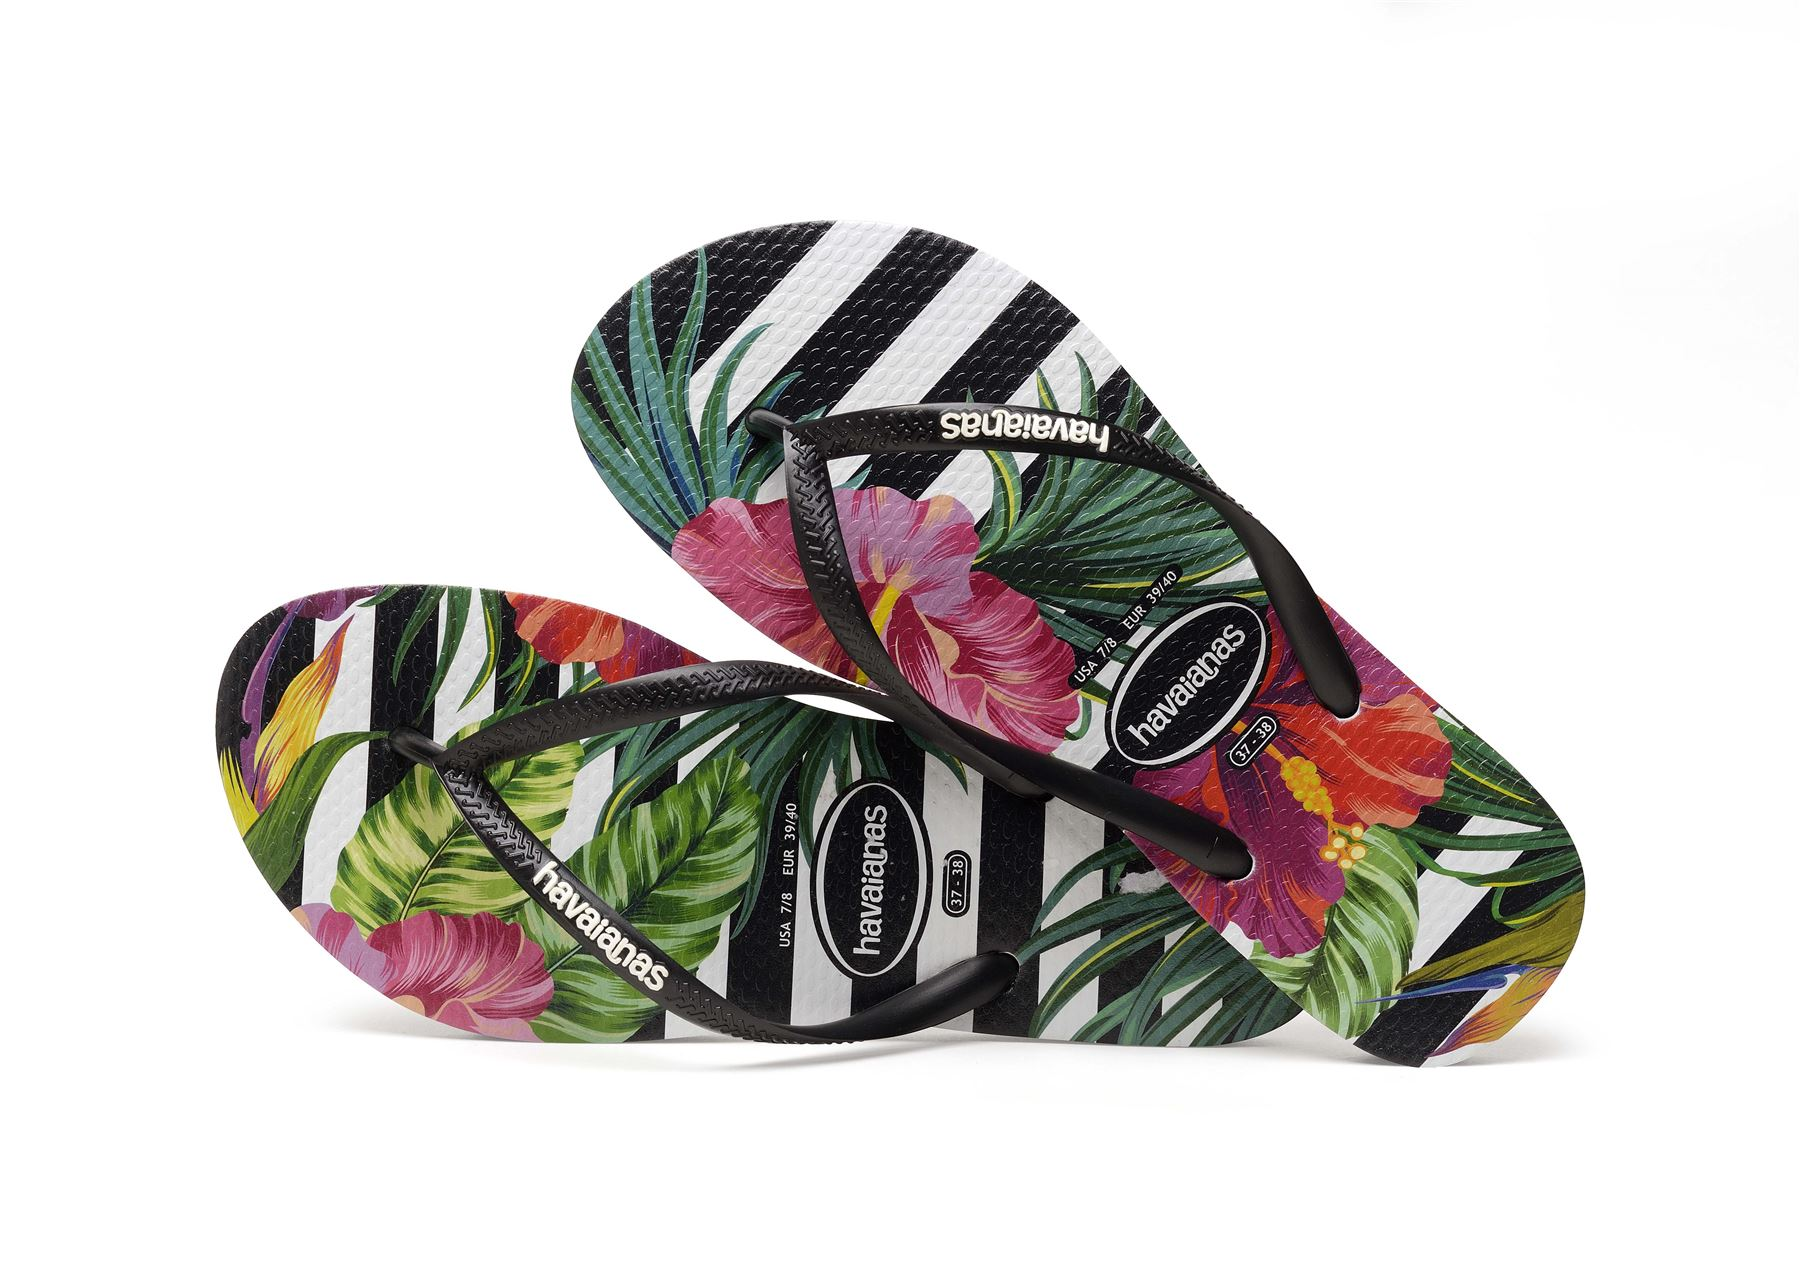 Havaianas-Slim-Tropical-amp-Imprime-Floral-Tongs-Ete-Plage-Piscine-Sandales miniature 9